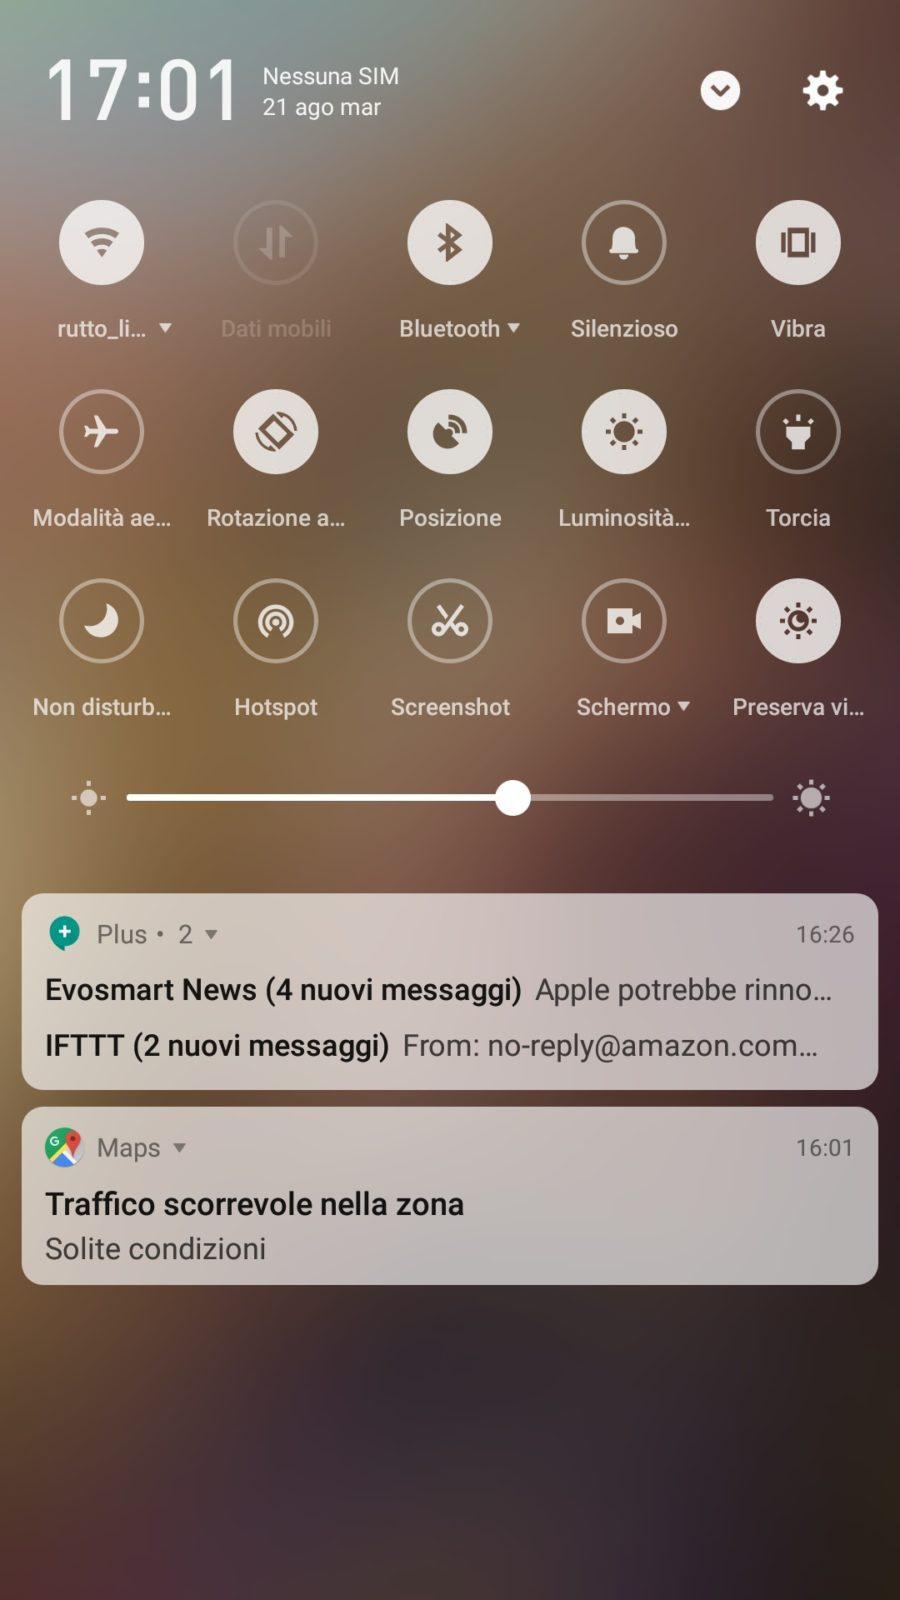 Ecco la nuova interfaccia dedicata alle notifiche della Flyme 7 | Evosmart.it